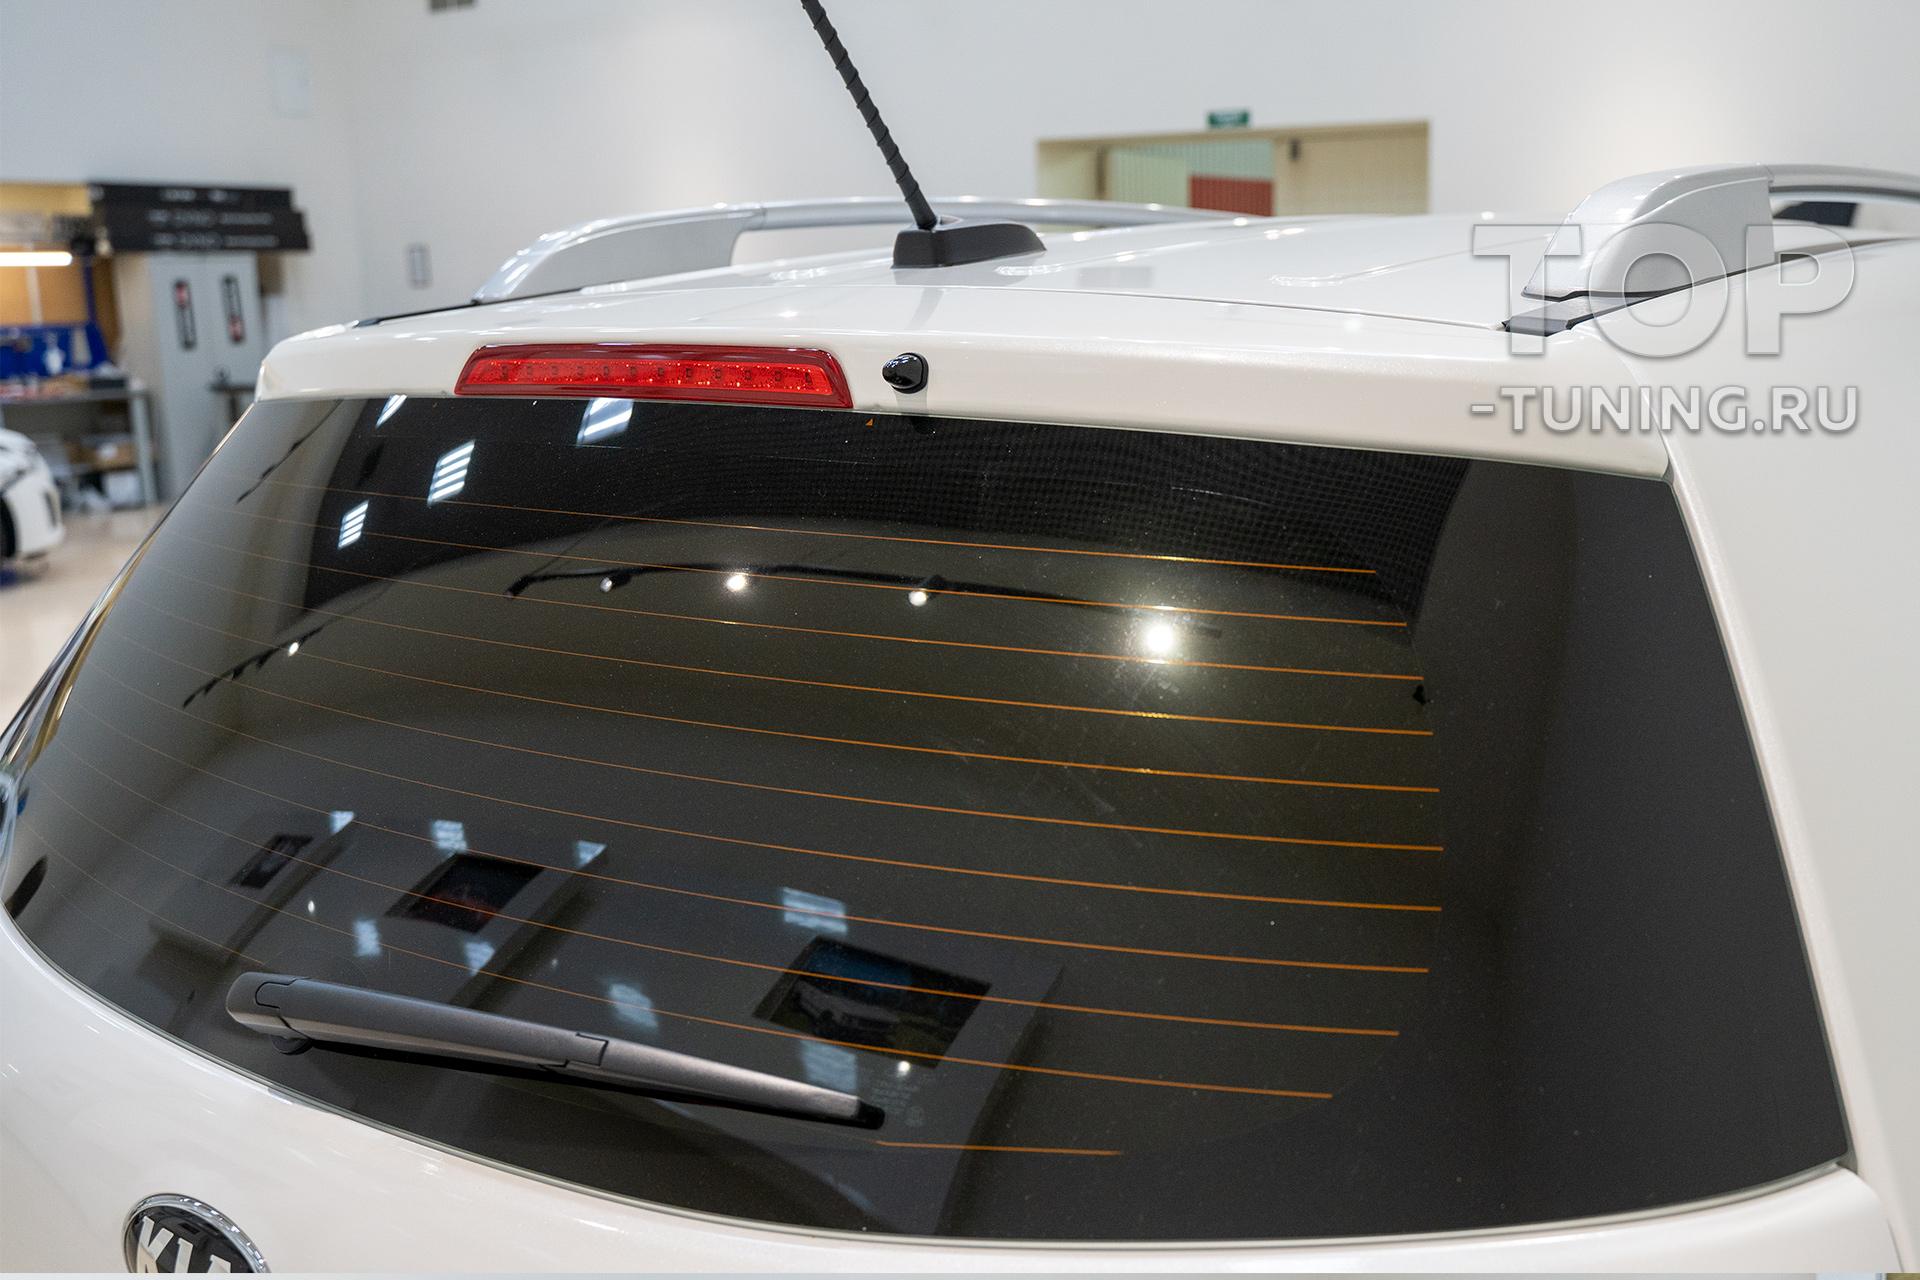 Автомобиль перед началом работ. Оригинальное дооснащение Соренто 2 (2021-2020)